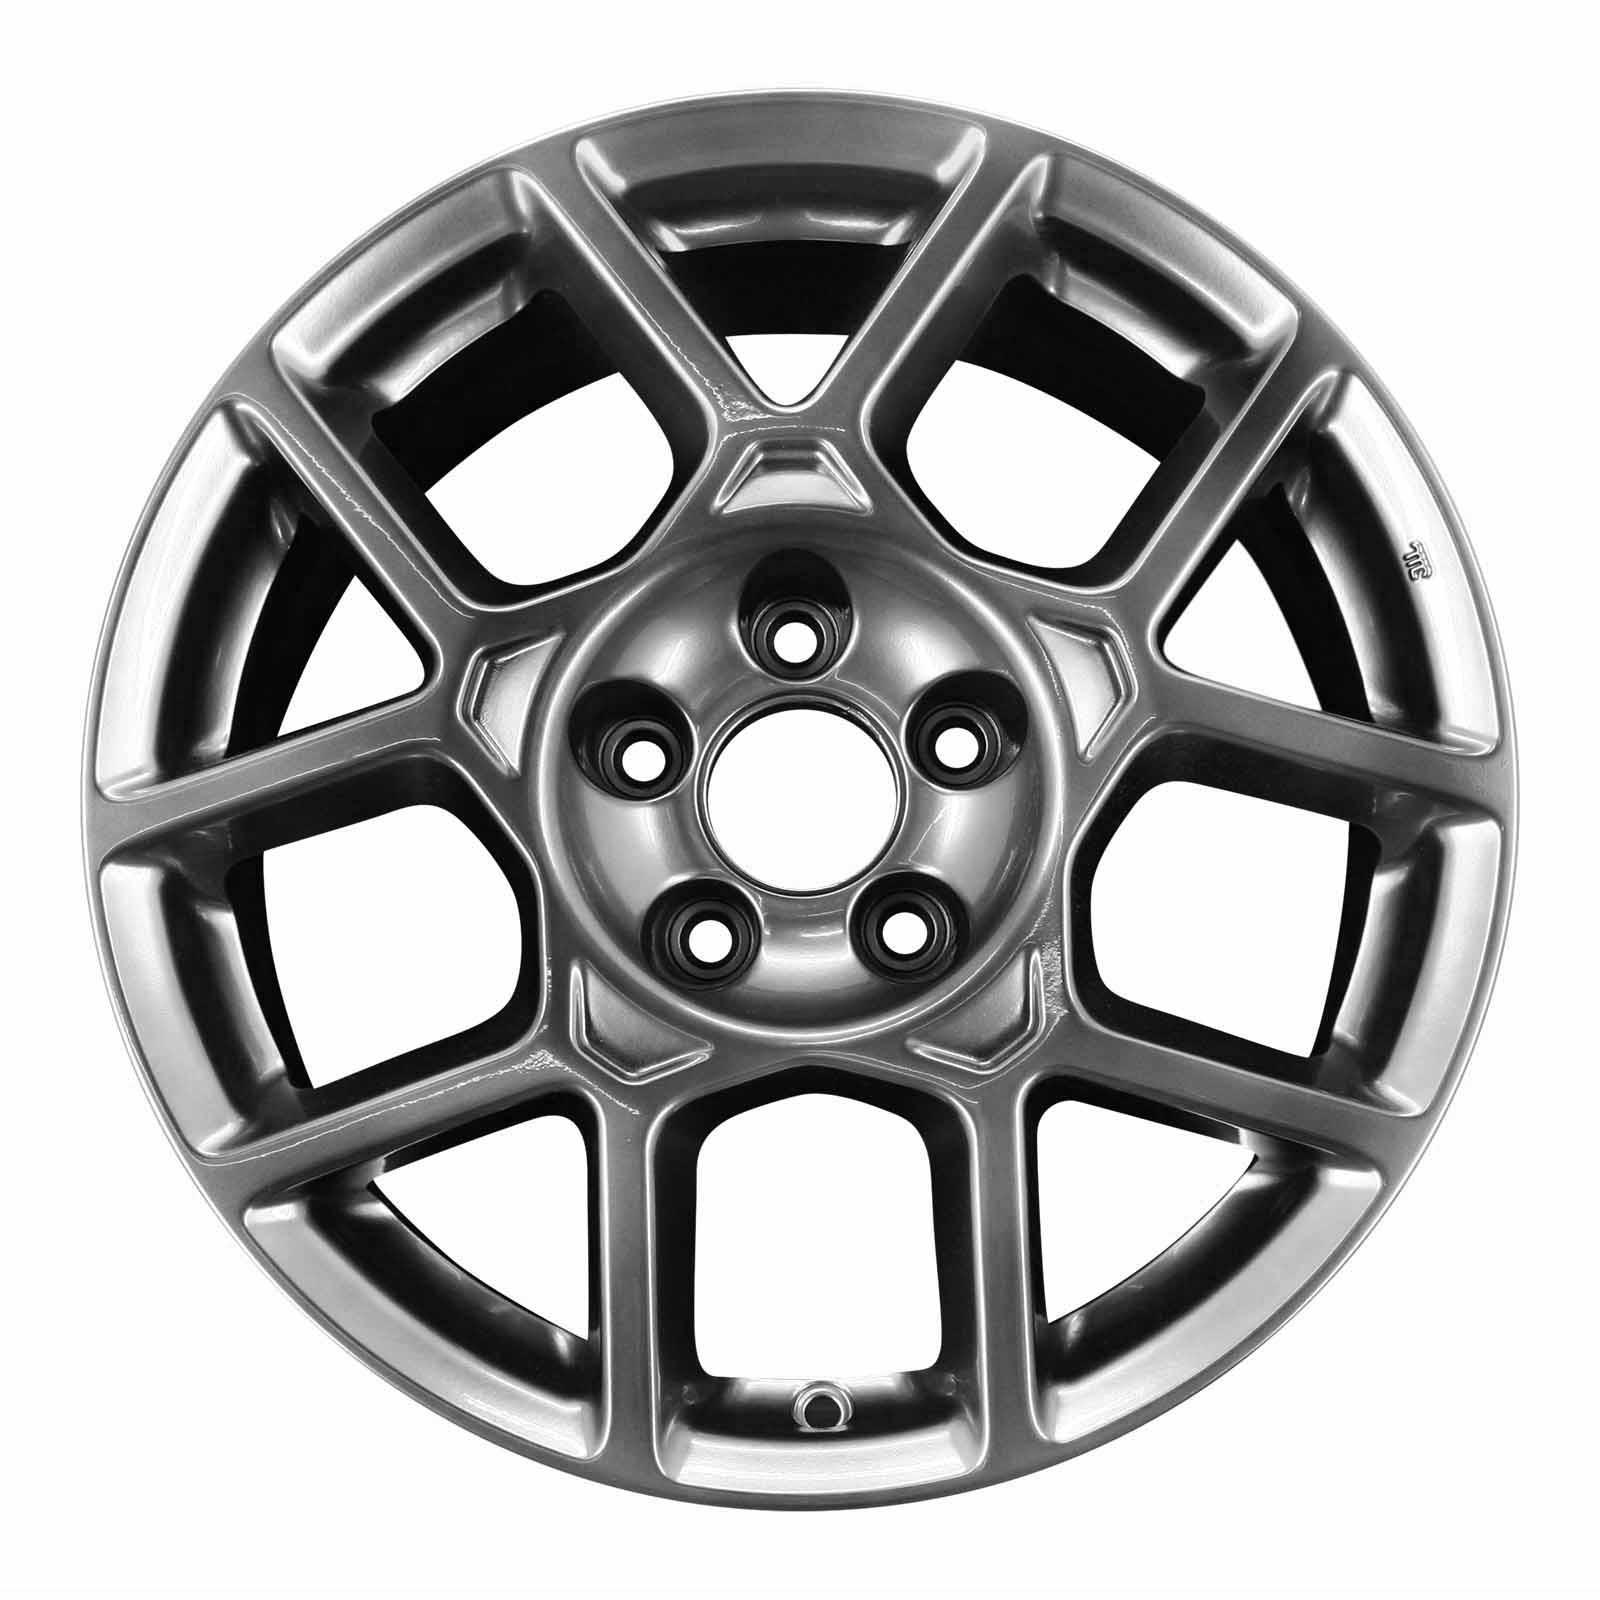 1600x1600 Acura Tl Type S 2007 17 Oem Wheel Rim